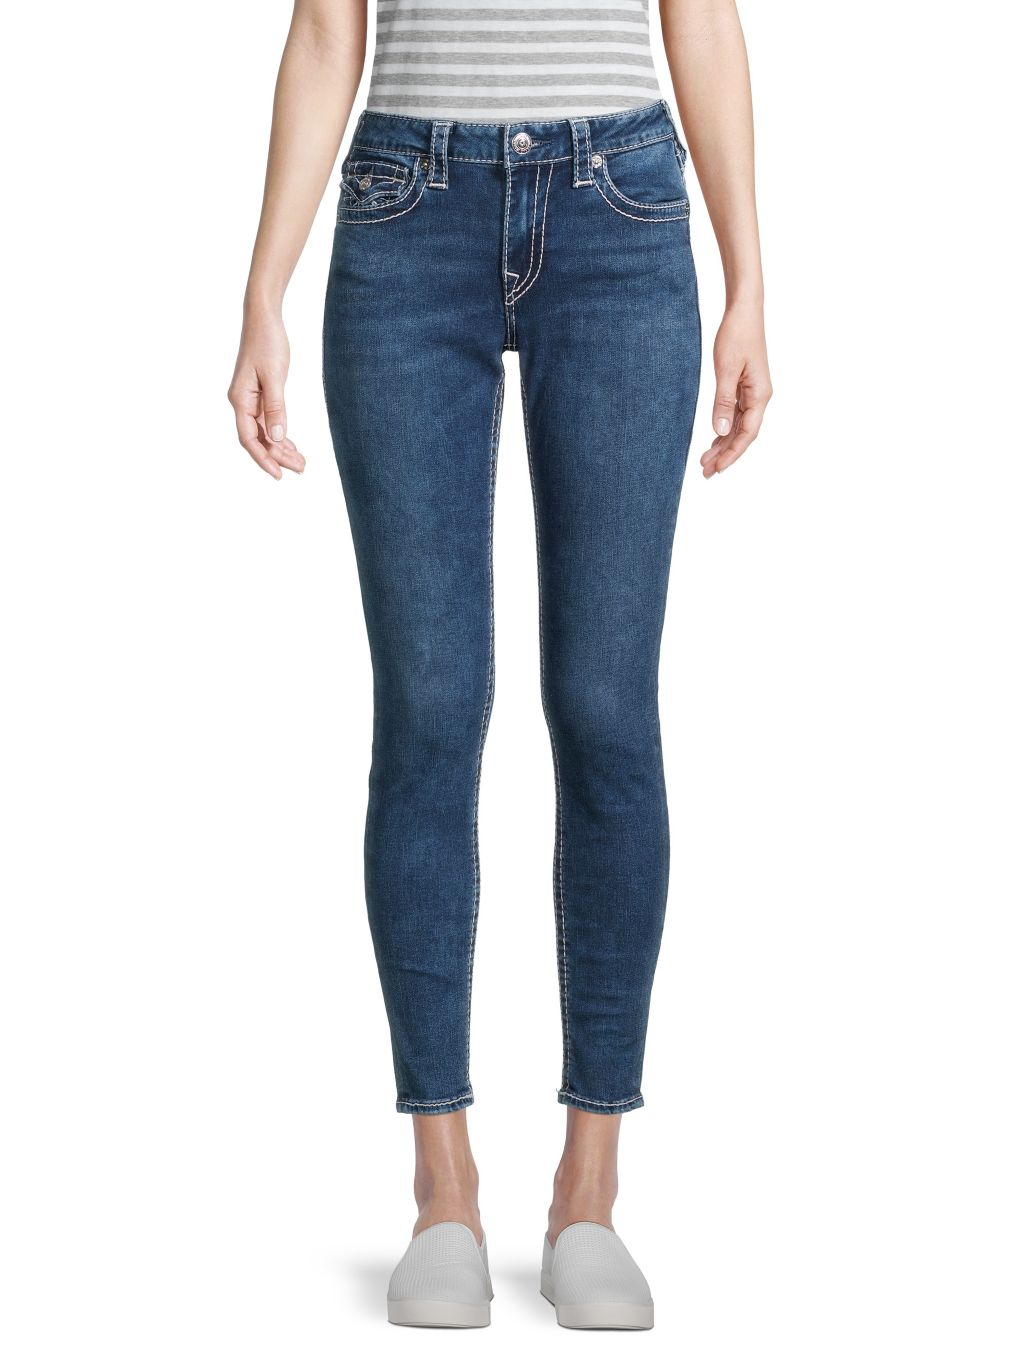 True Religion Jennie Big T Skinny Ankle Jeans